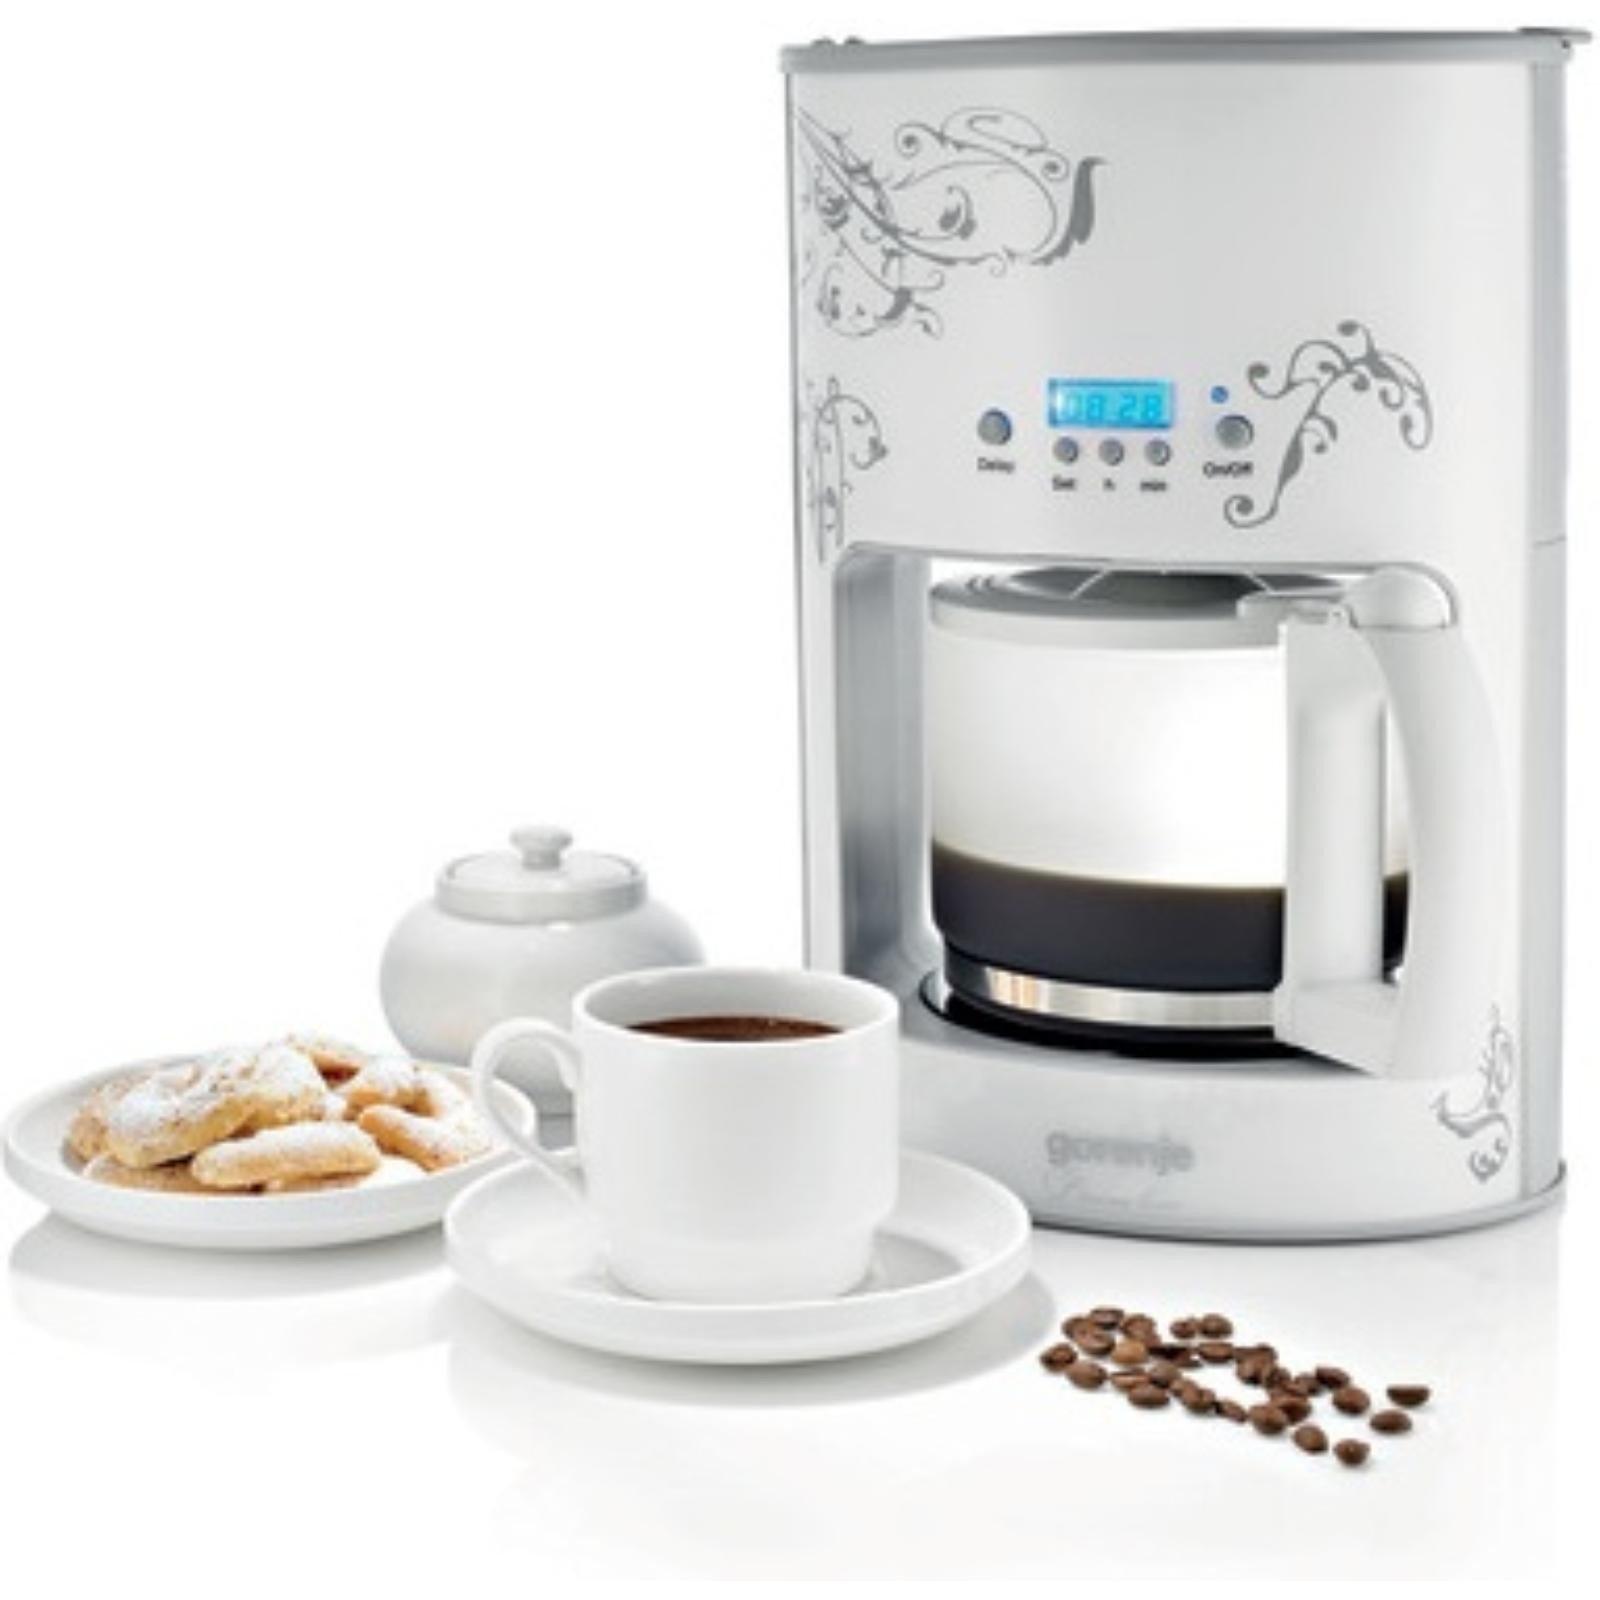 Cafetiera Gorenje CM 12 W, capacitate 1.2 l, functie timer, alba